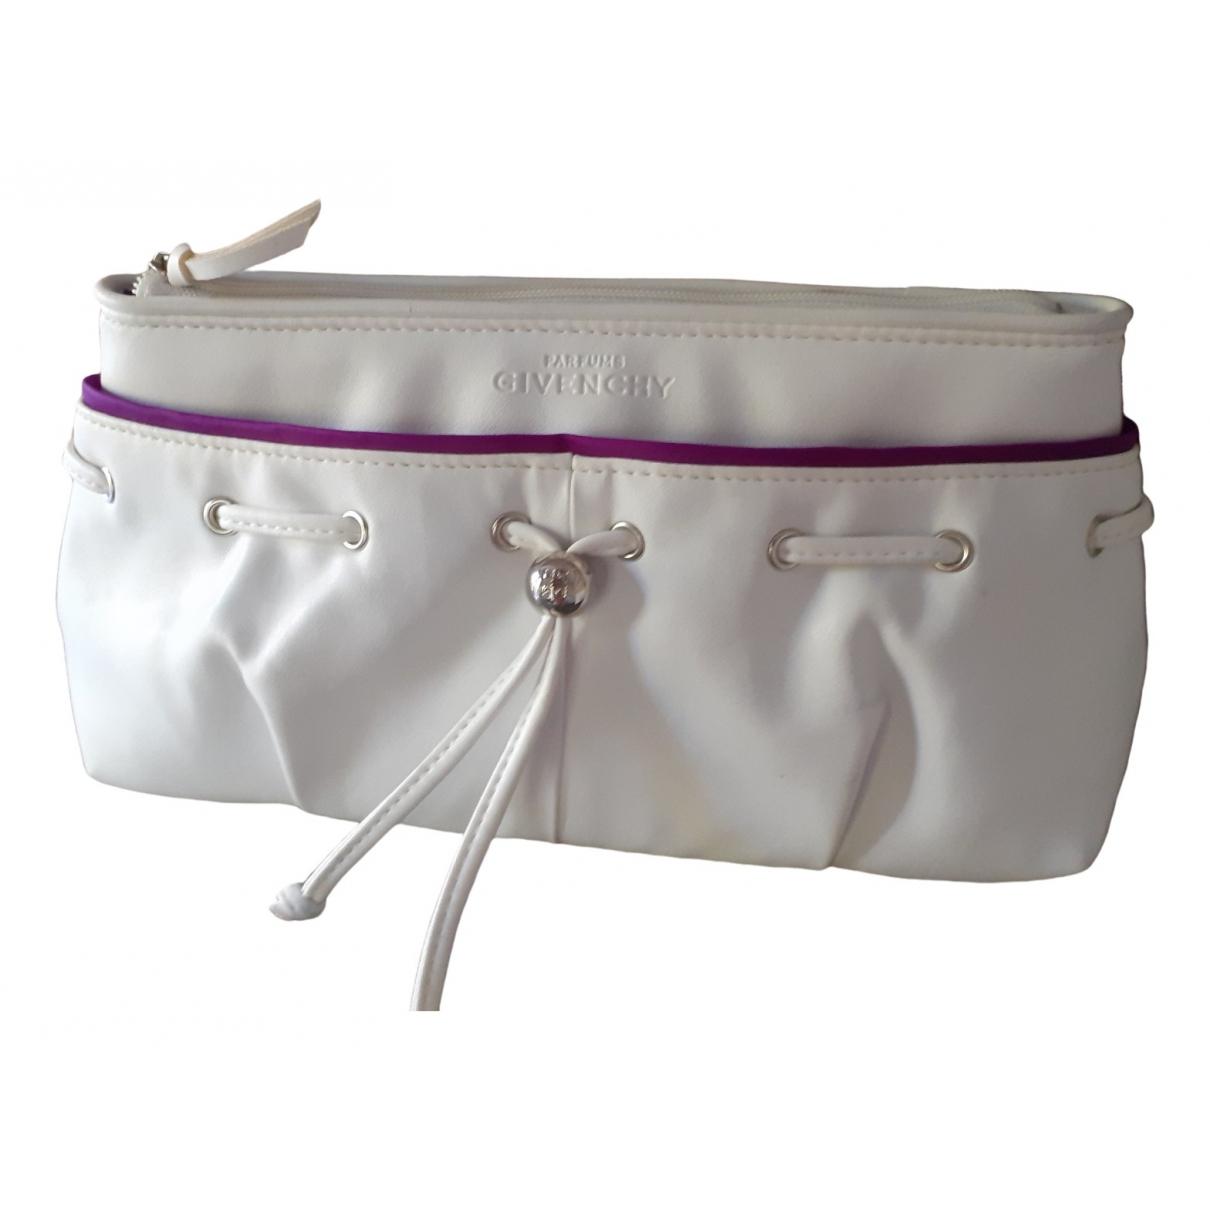 Bolsos clutch en Plastico Blanco Givenchy